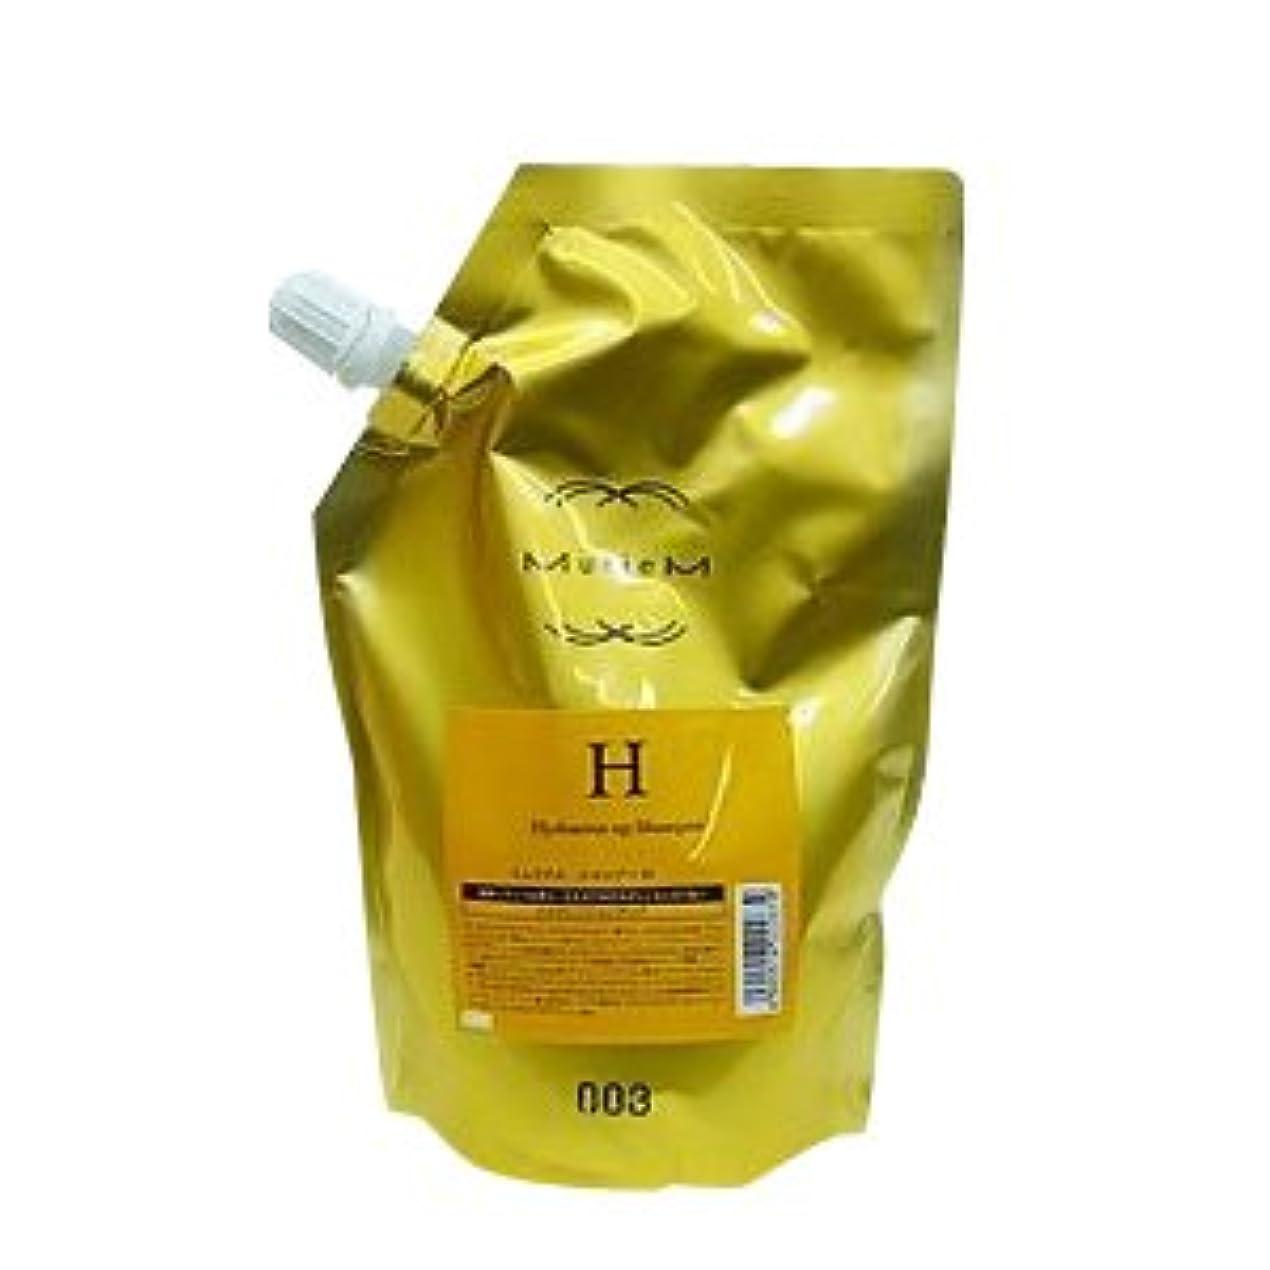 拡張提案する該当するナンバースリー ミュリアム ゴールド シャンプー H 500ml 詰替え用